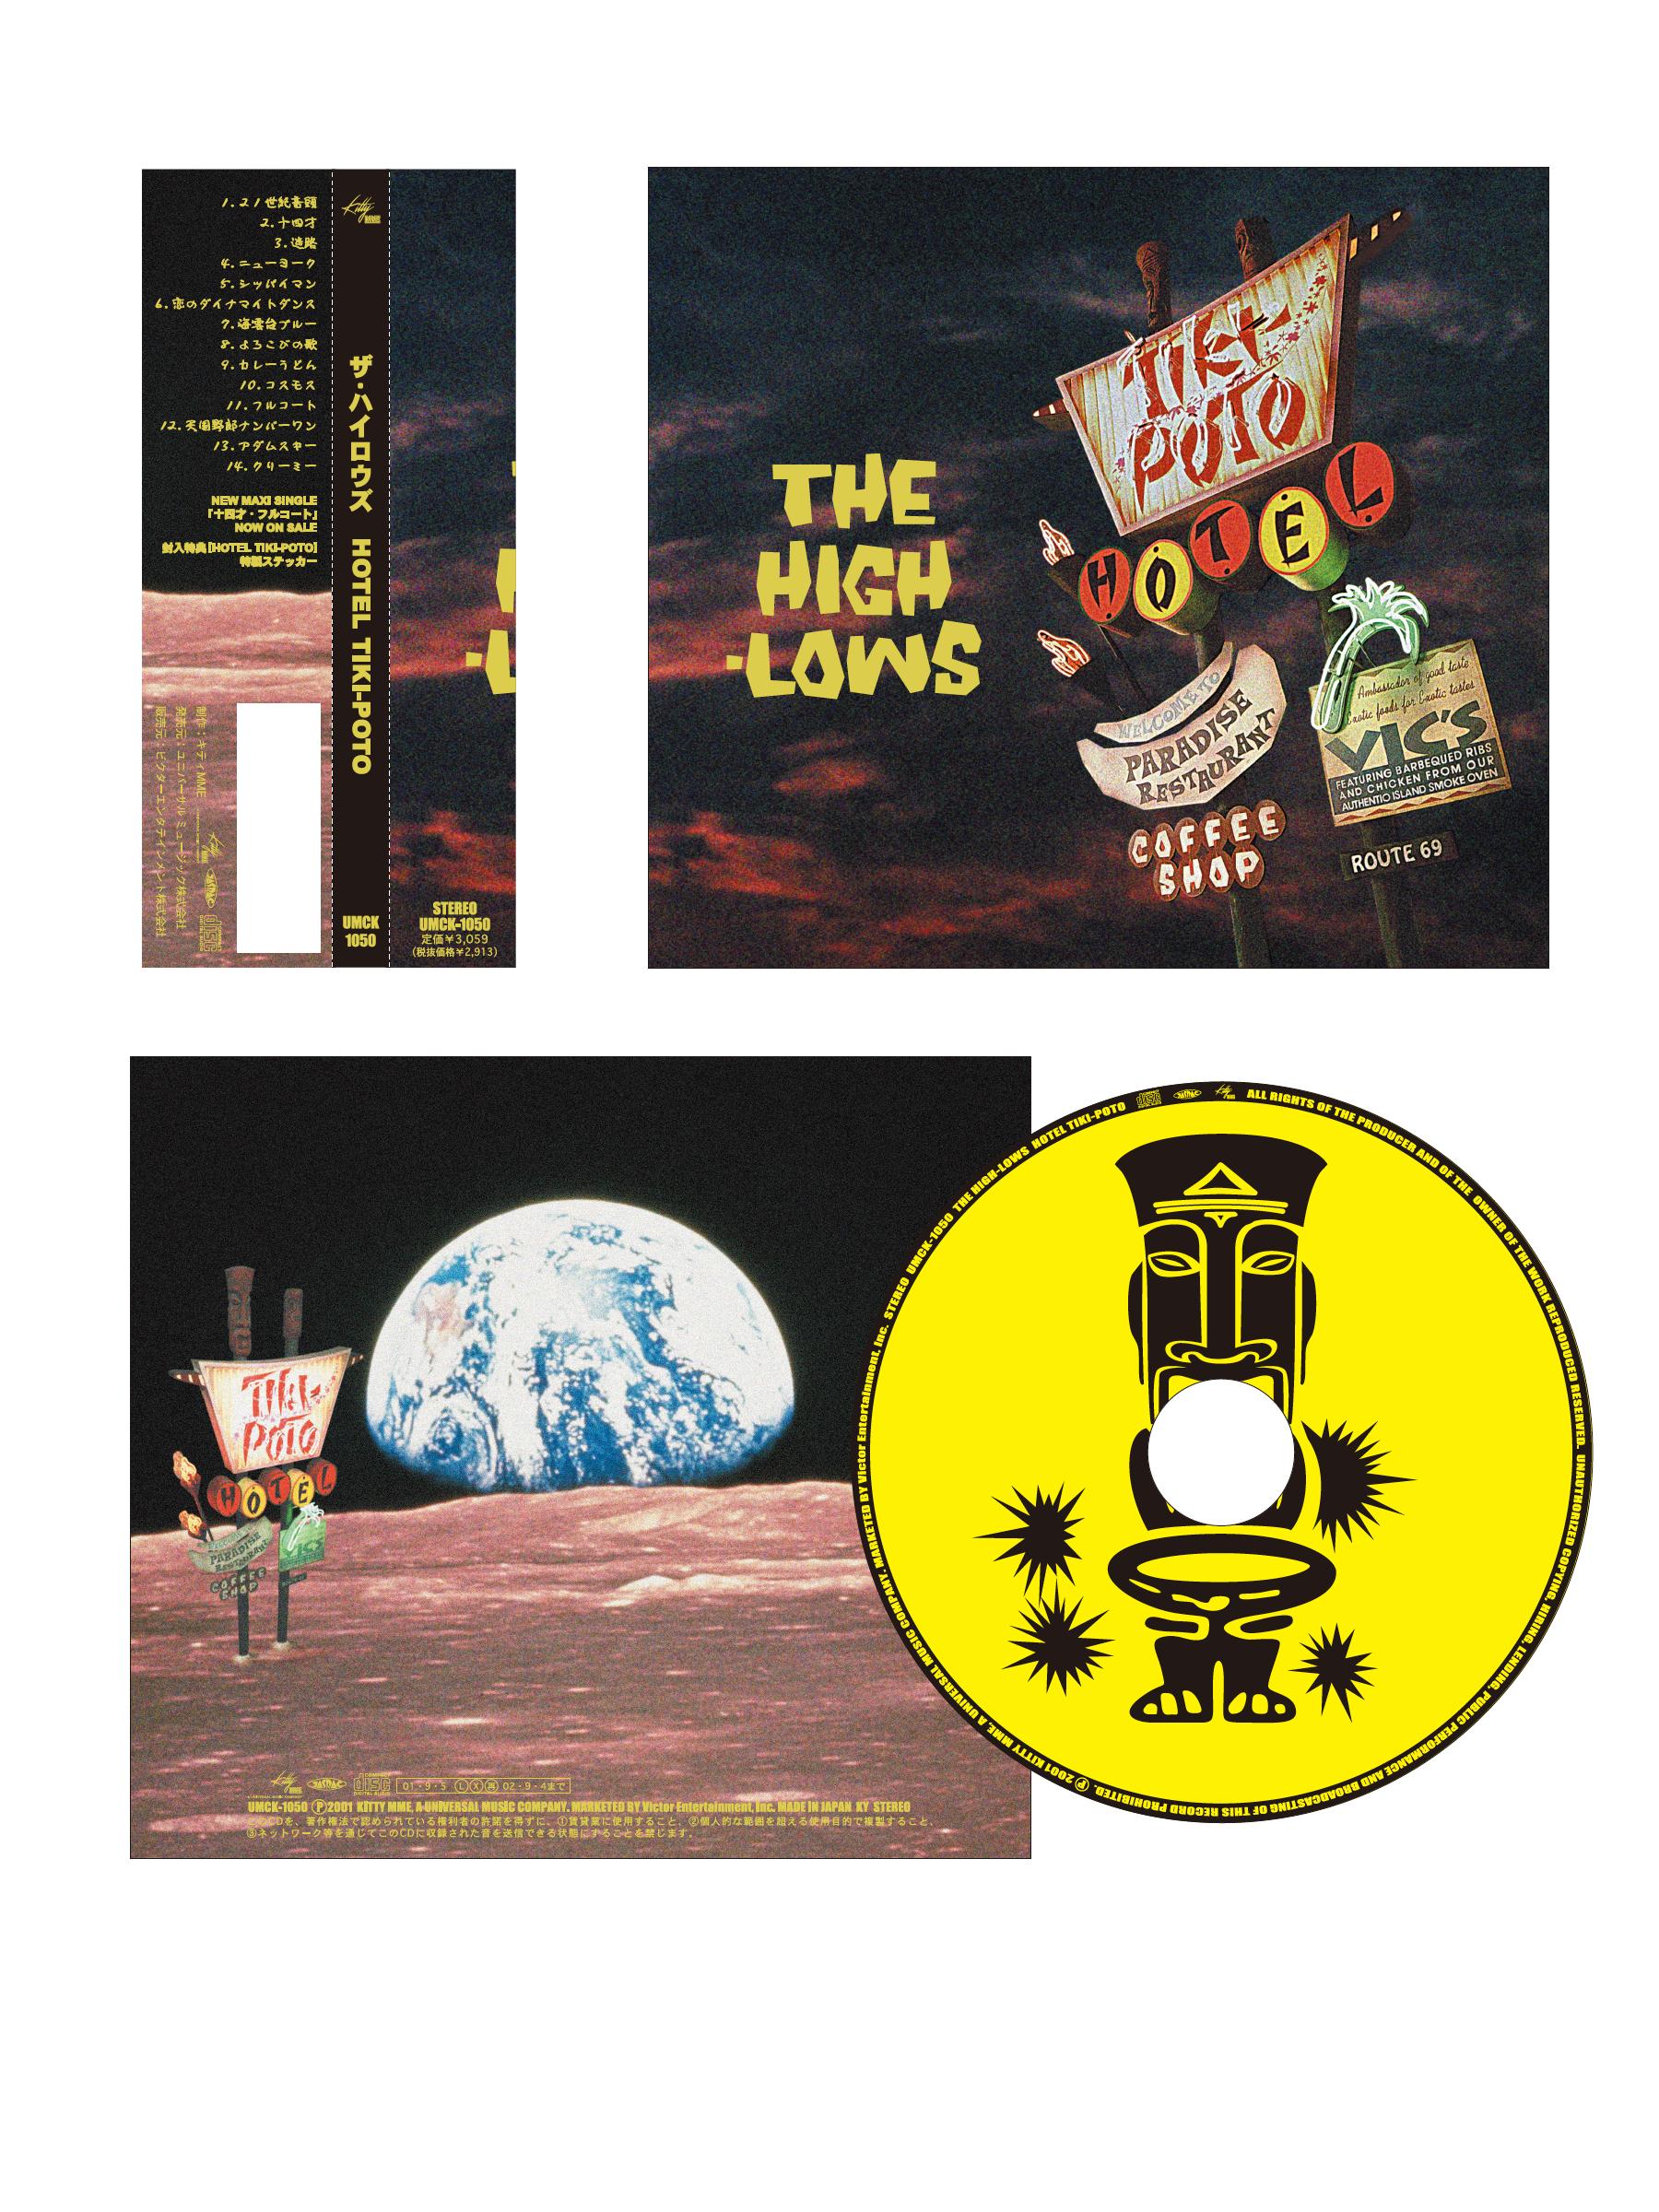 ザ・ハイロウズ 「HOTEL TIKI-POTO」 CDアルバムジャケット (デジパック仕様)